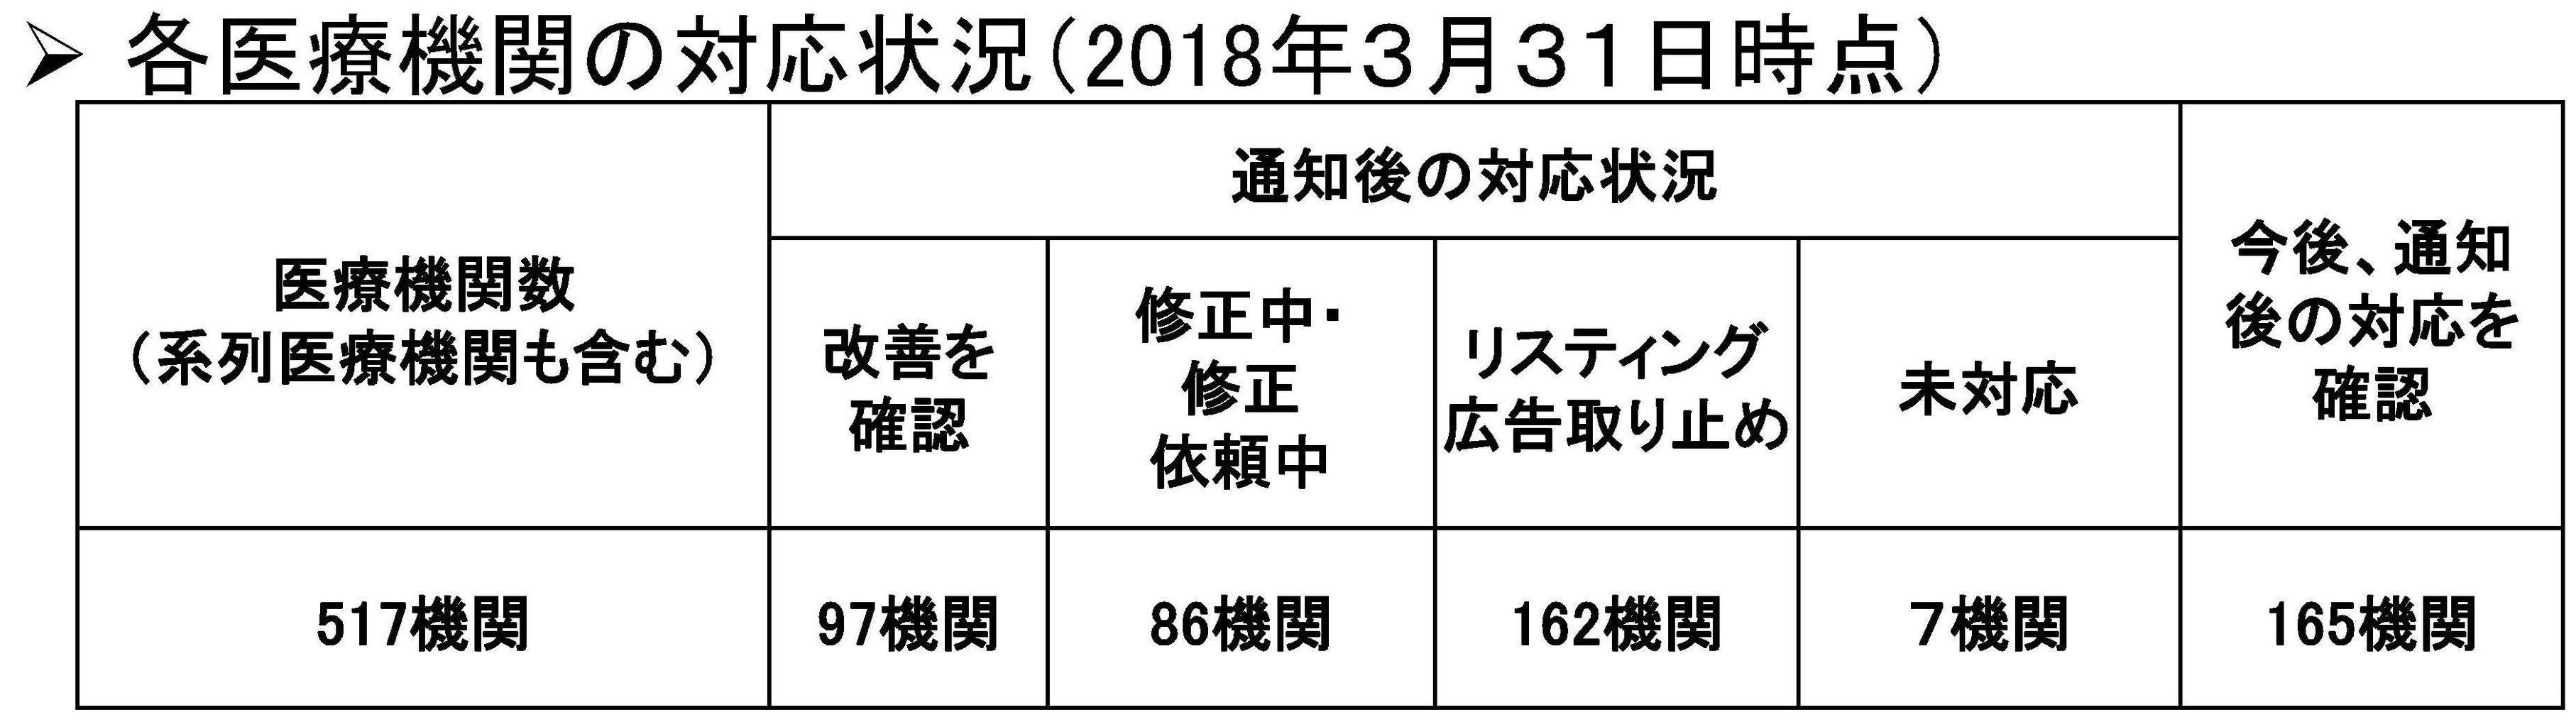 一般からの受付情報 (2018年3月31日時点)-1